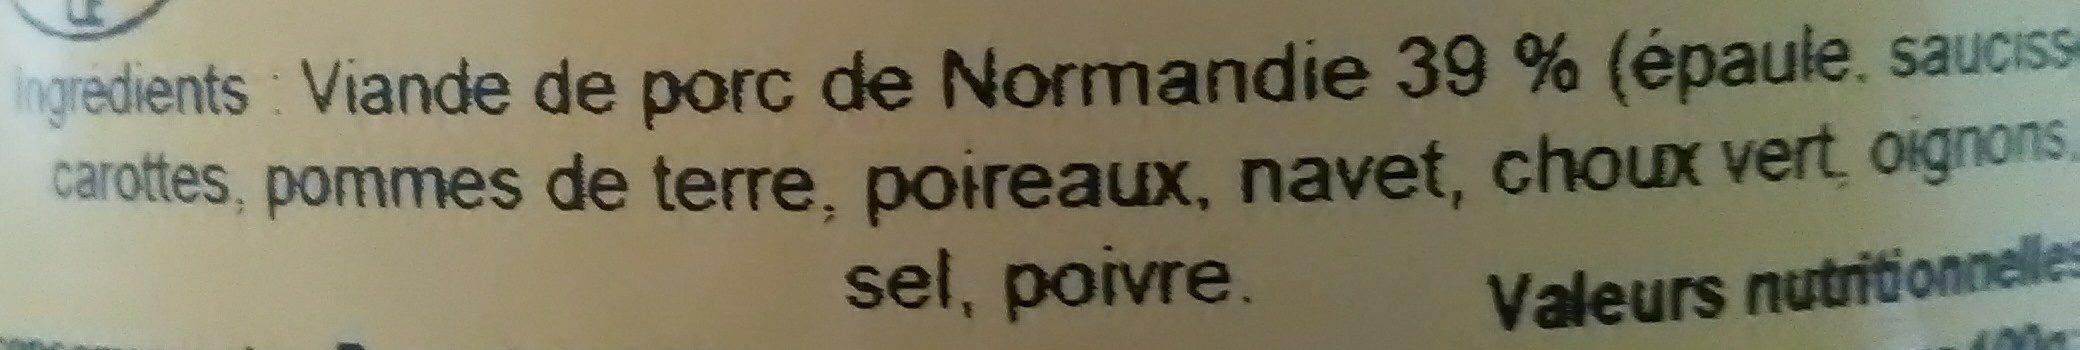 Potée normande porc élevé à la farine d'orge - Ingrédients - fr